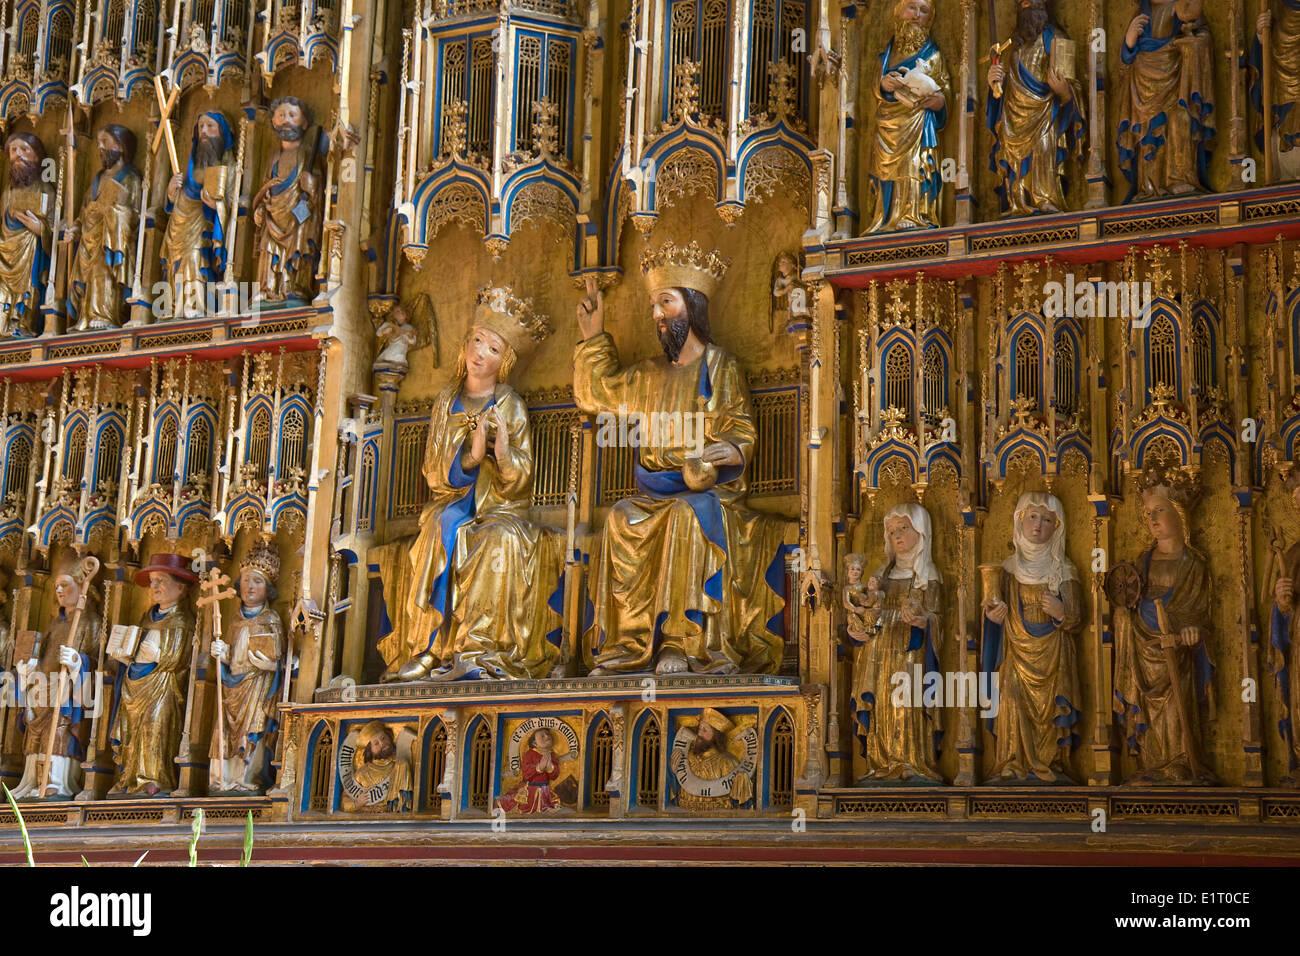 Europa, en Alemania, en el Estado federado de Mecklemburgo-Pomerania Occidental, Wismar, Iglesia de San Nicolás,interieur Foto de stock